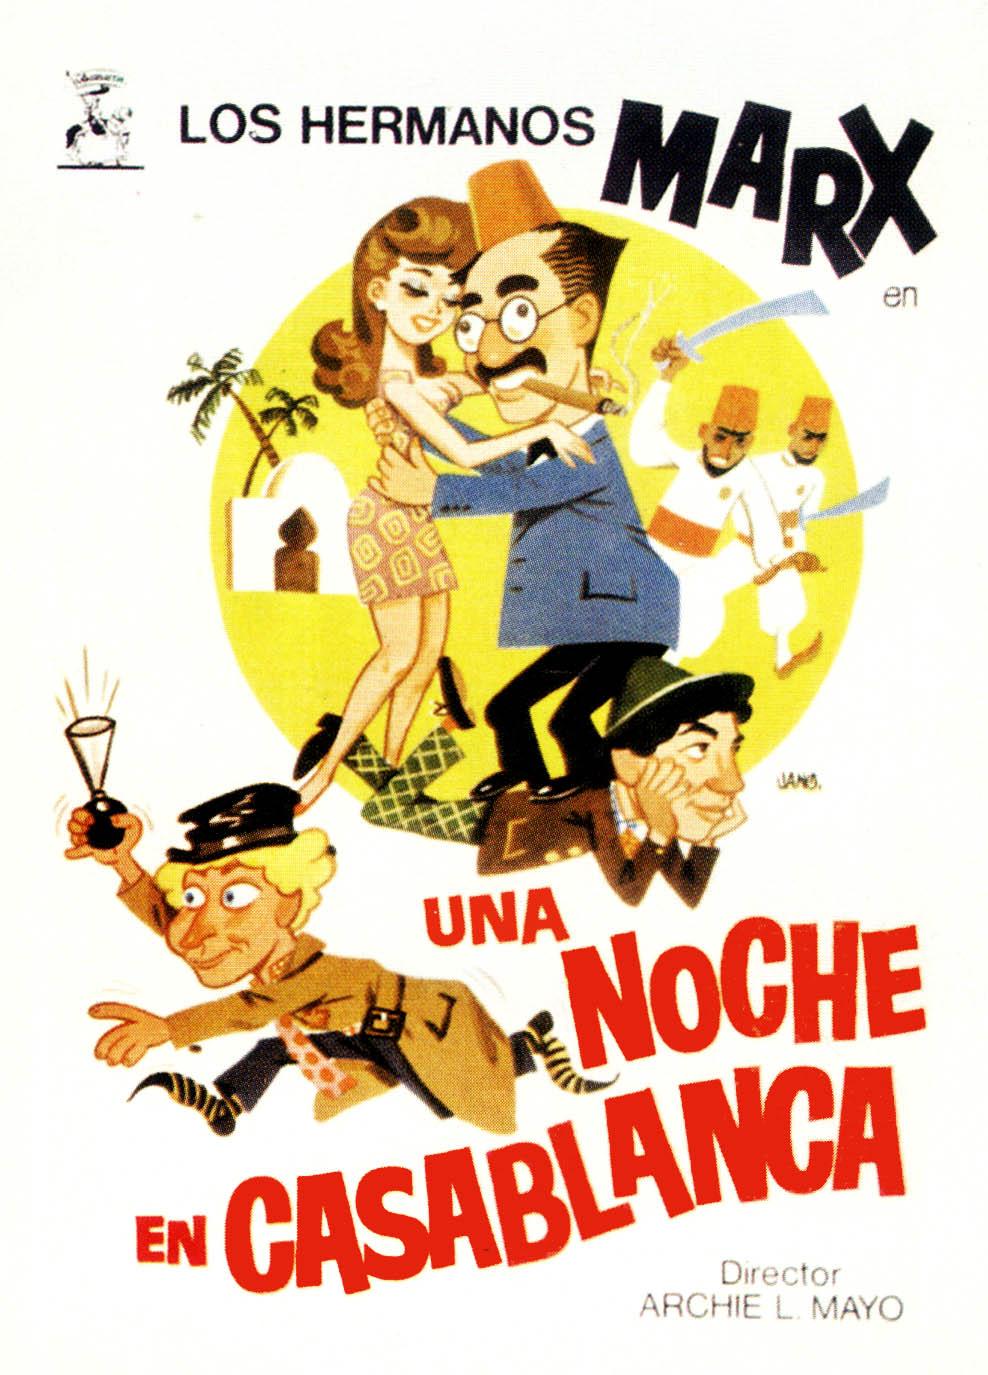 Ver Película Hermanos Marx: Una Noche en Casablanca Online Gratis (1946)